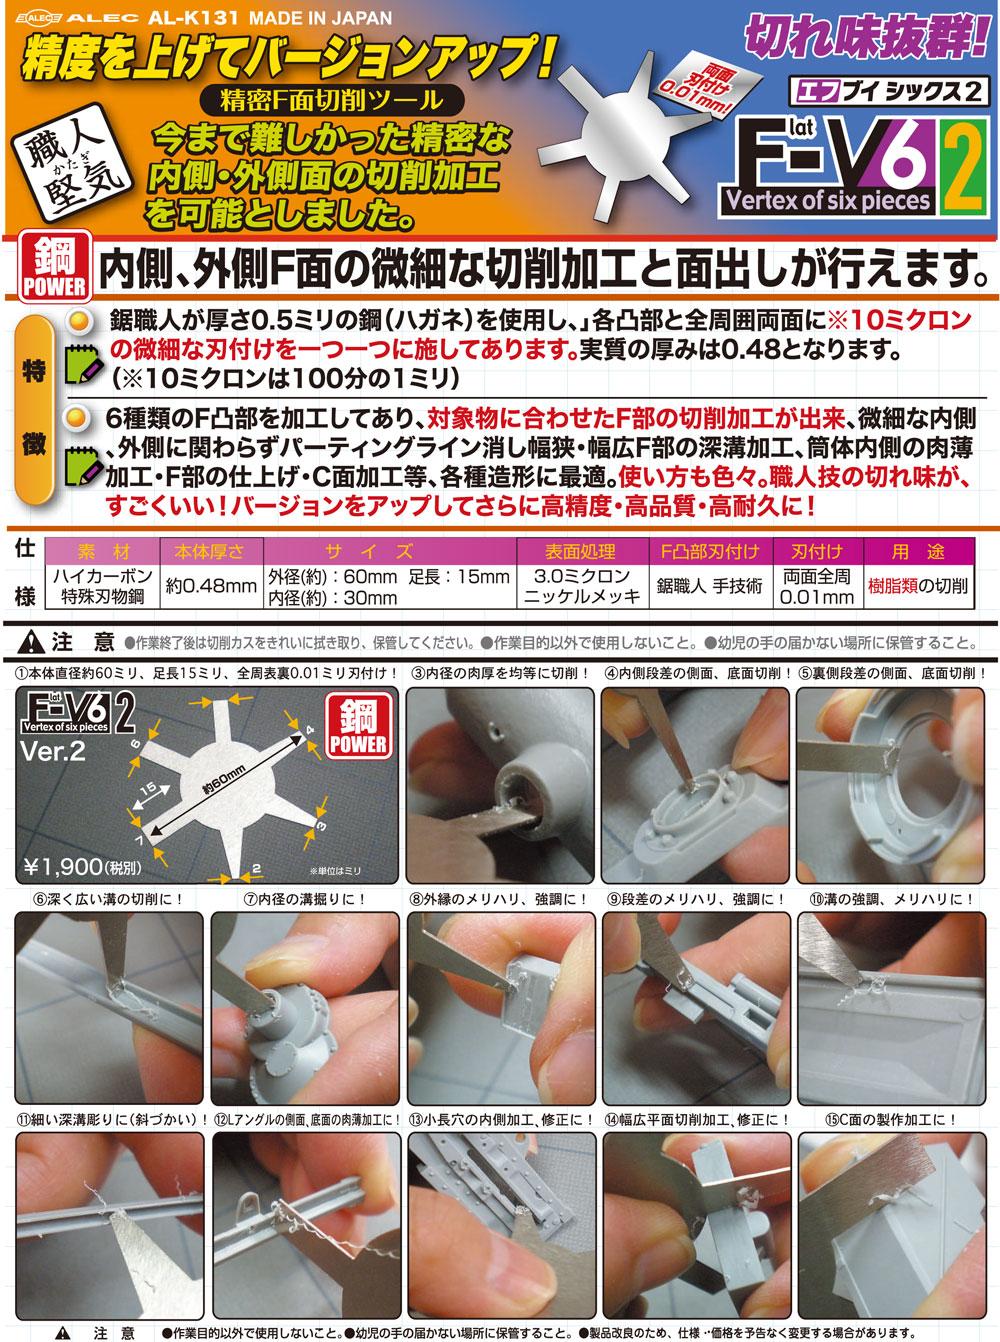 F-V6 2 精密F面切削ツールカンナ(シモムラアレック職人堅気No.AL-K131)商品画像_1